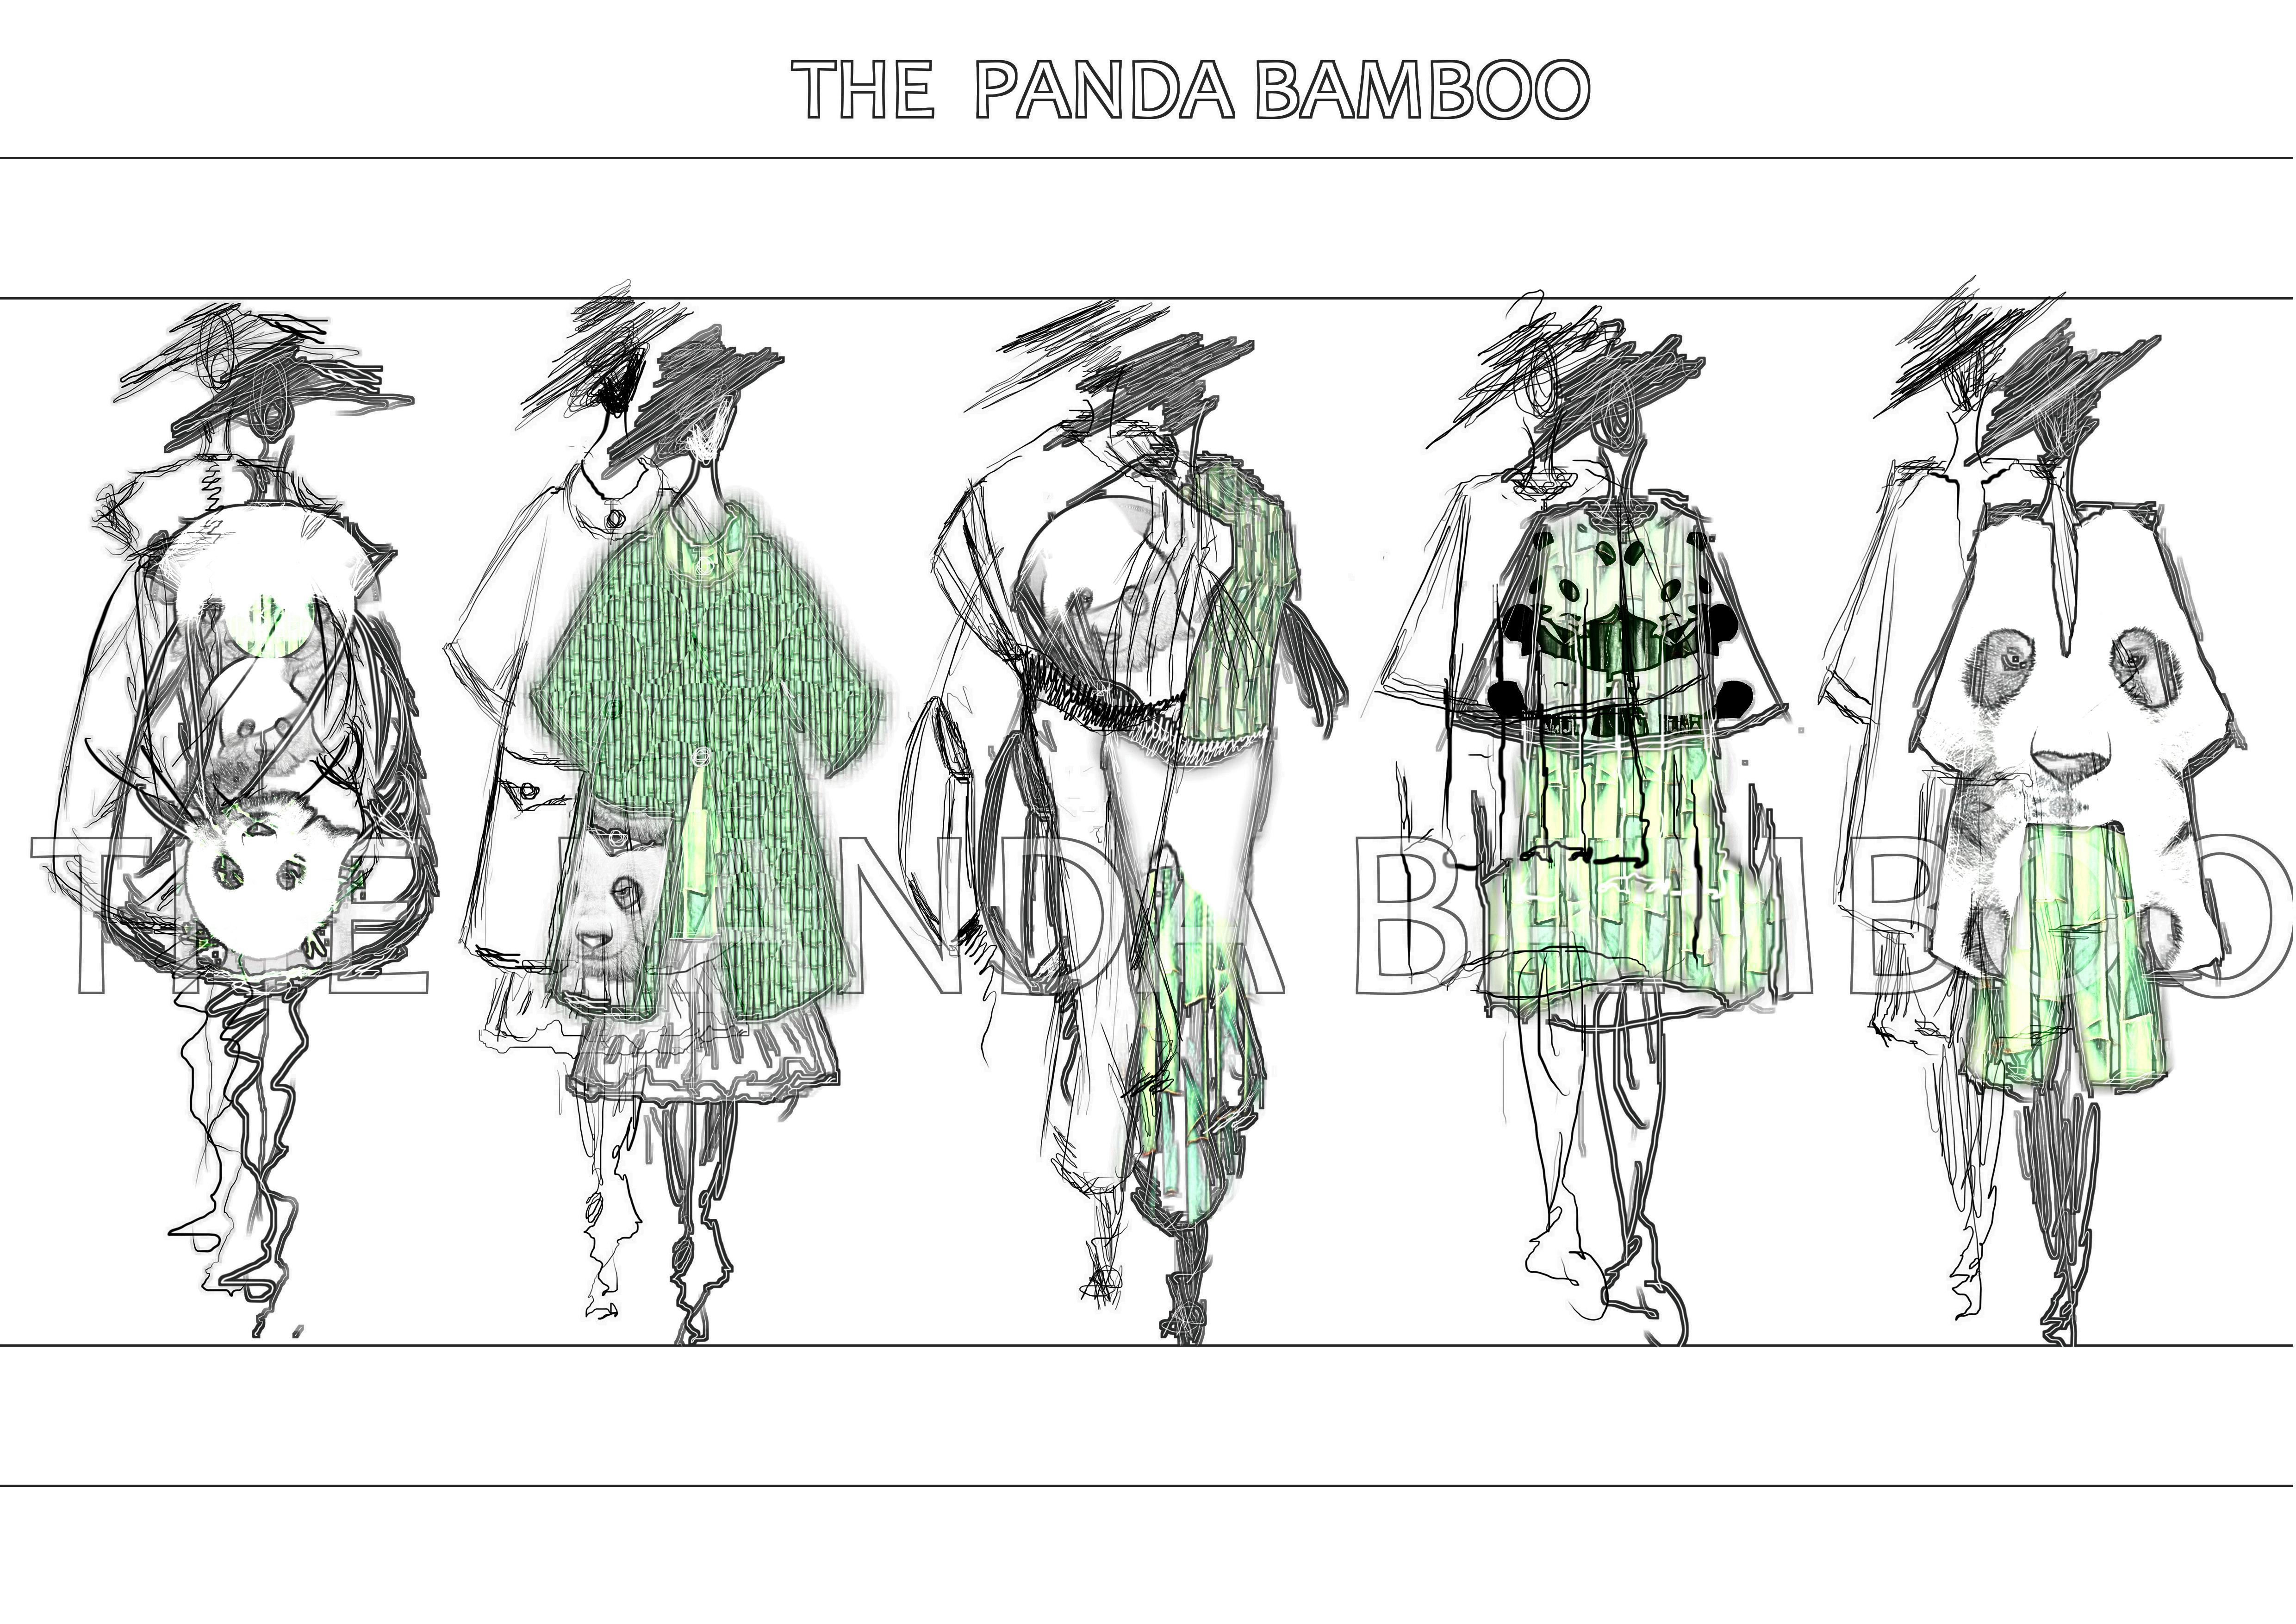 服装效果图设计整合|服装|休闲/流行服饰|官有渝广告